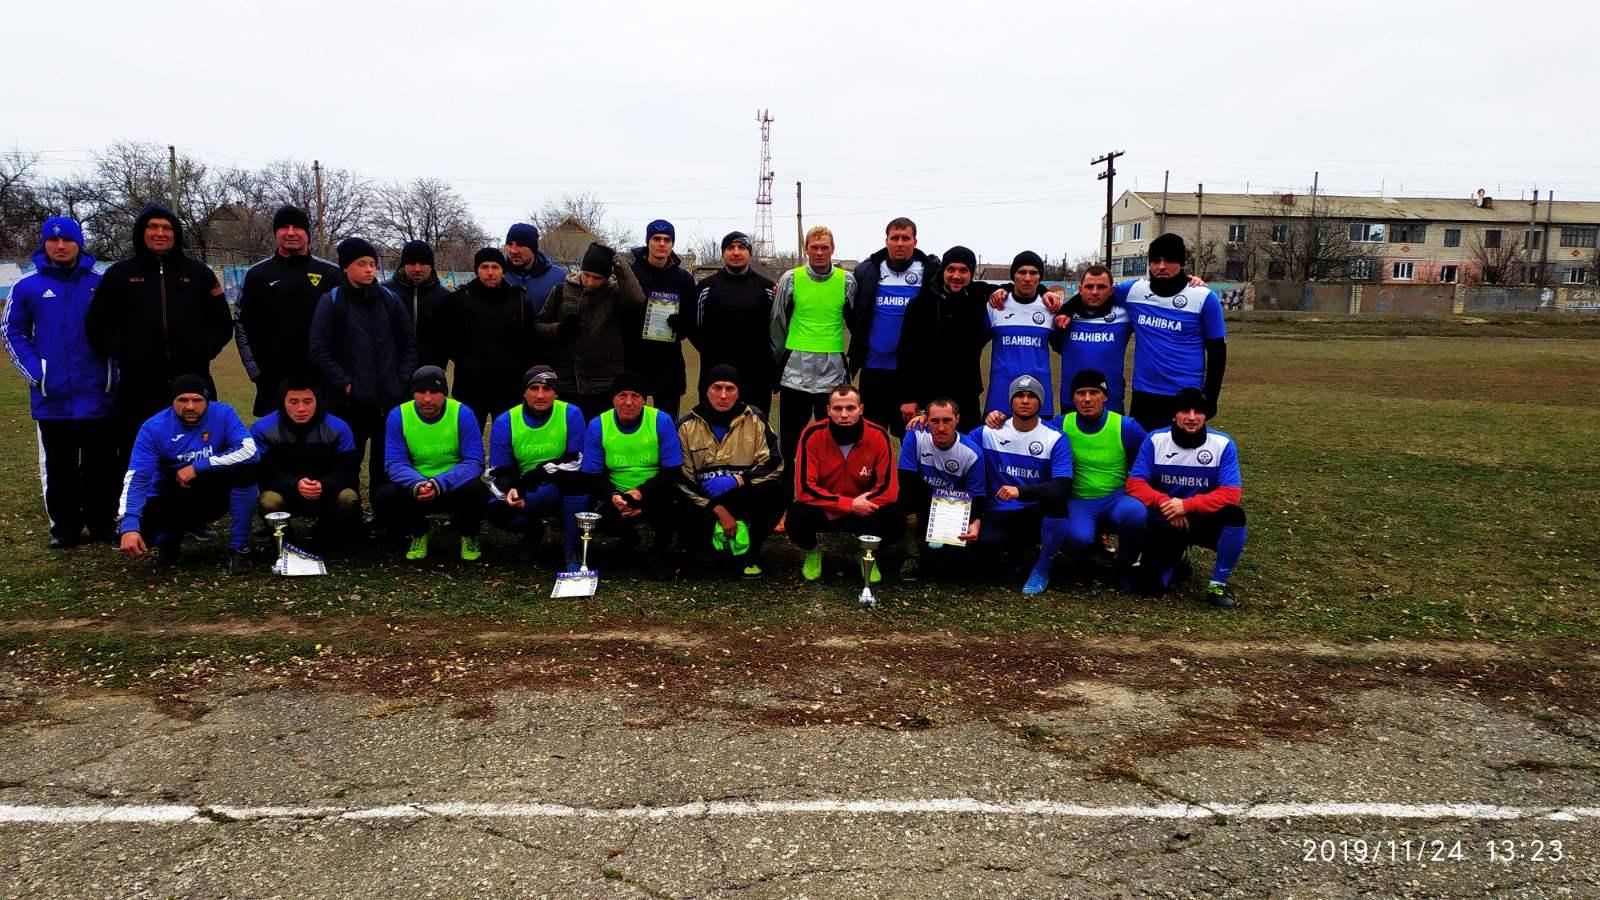 Турнір з футболу до Дня працівників сільського господарства в Нижніх Сірогозах